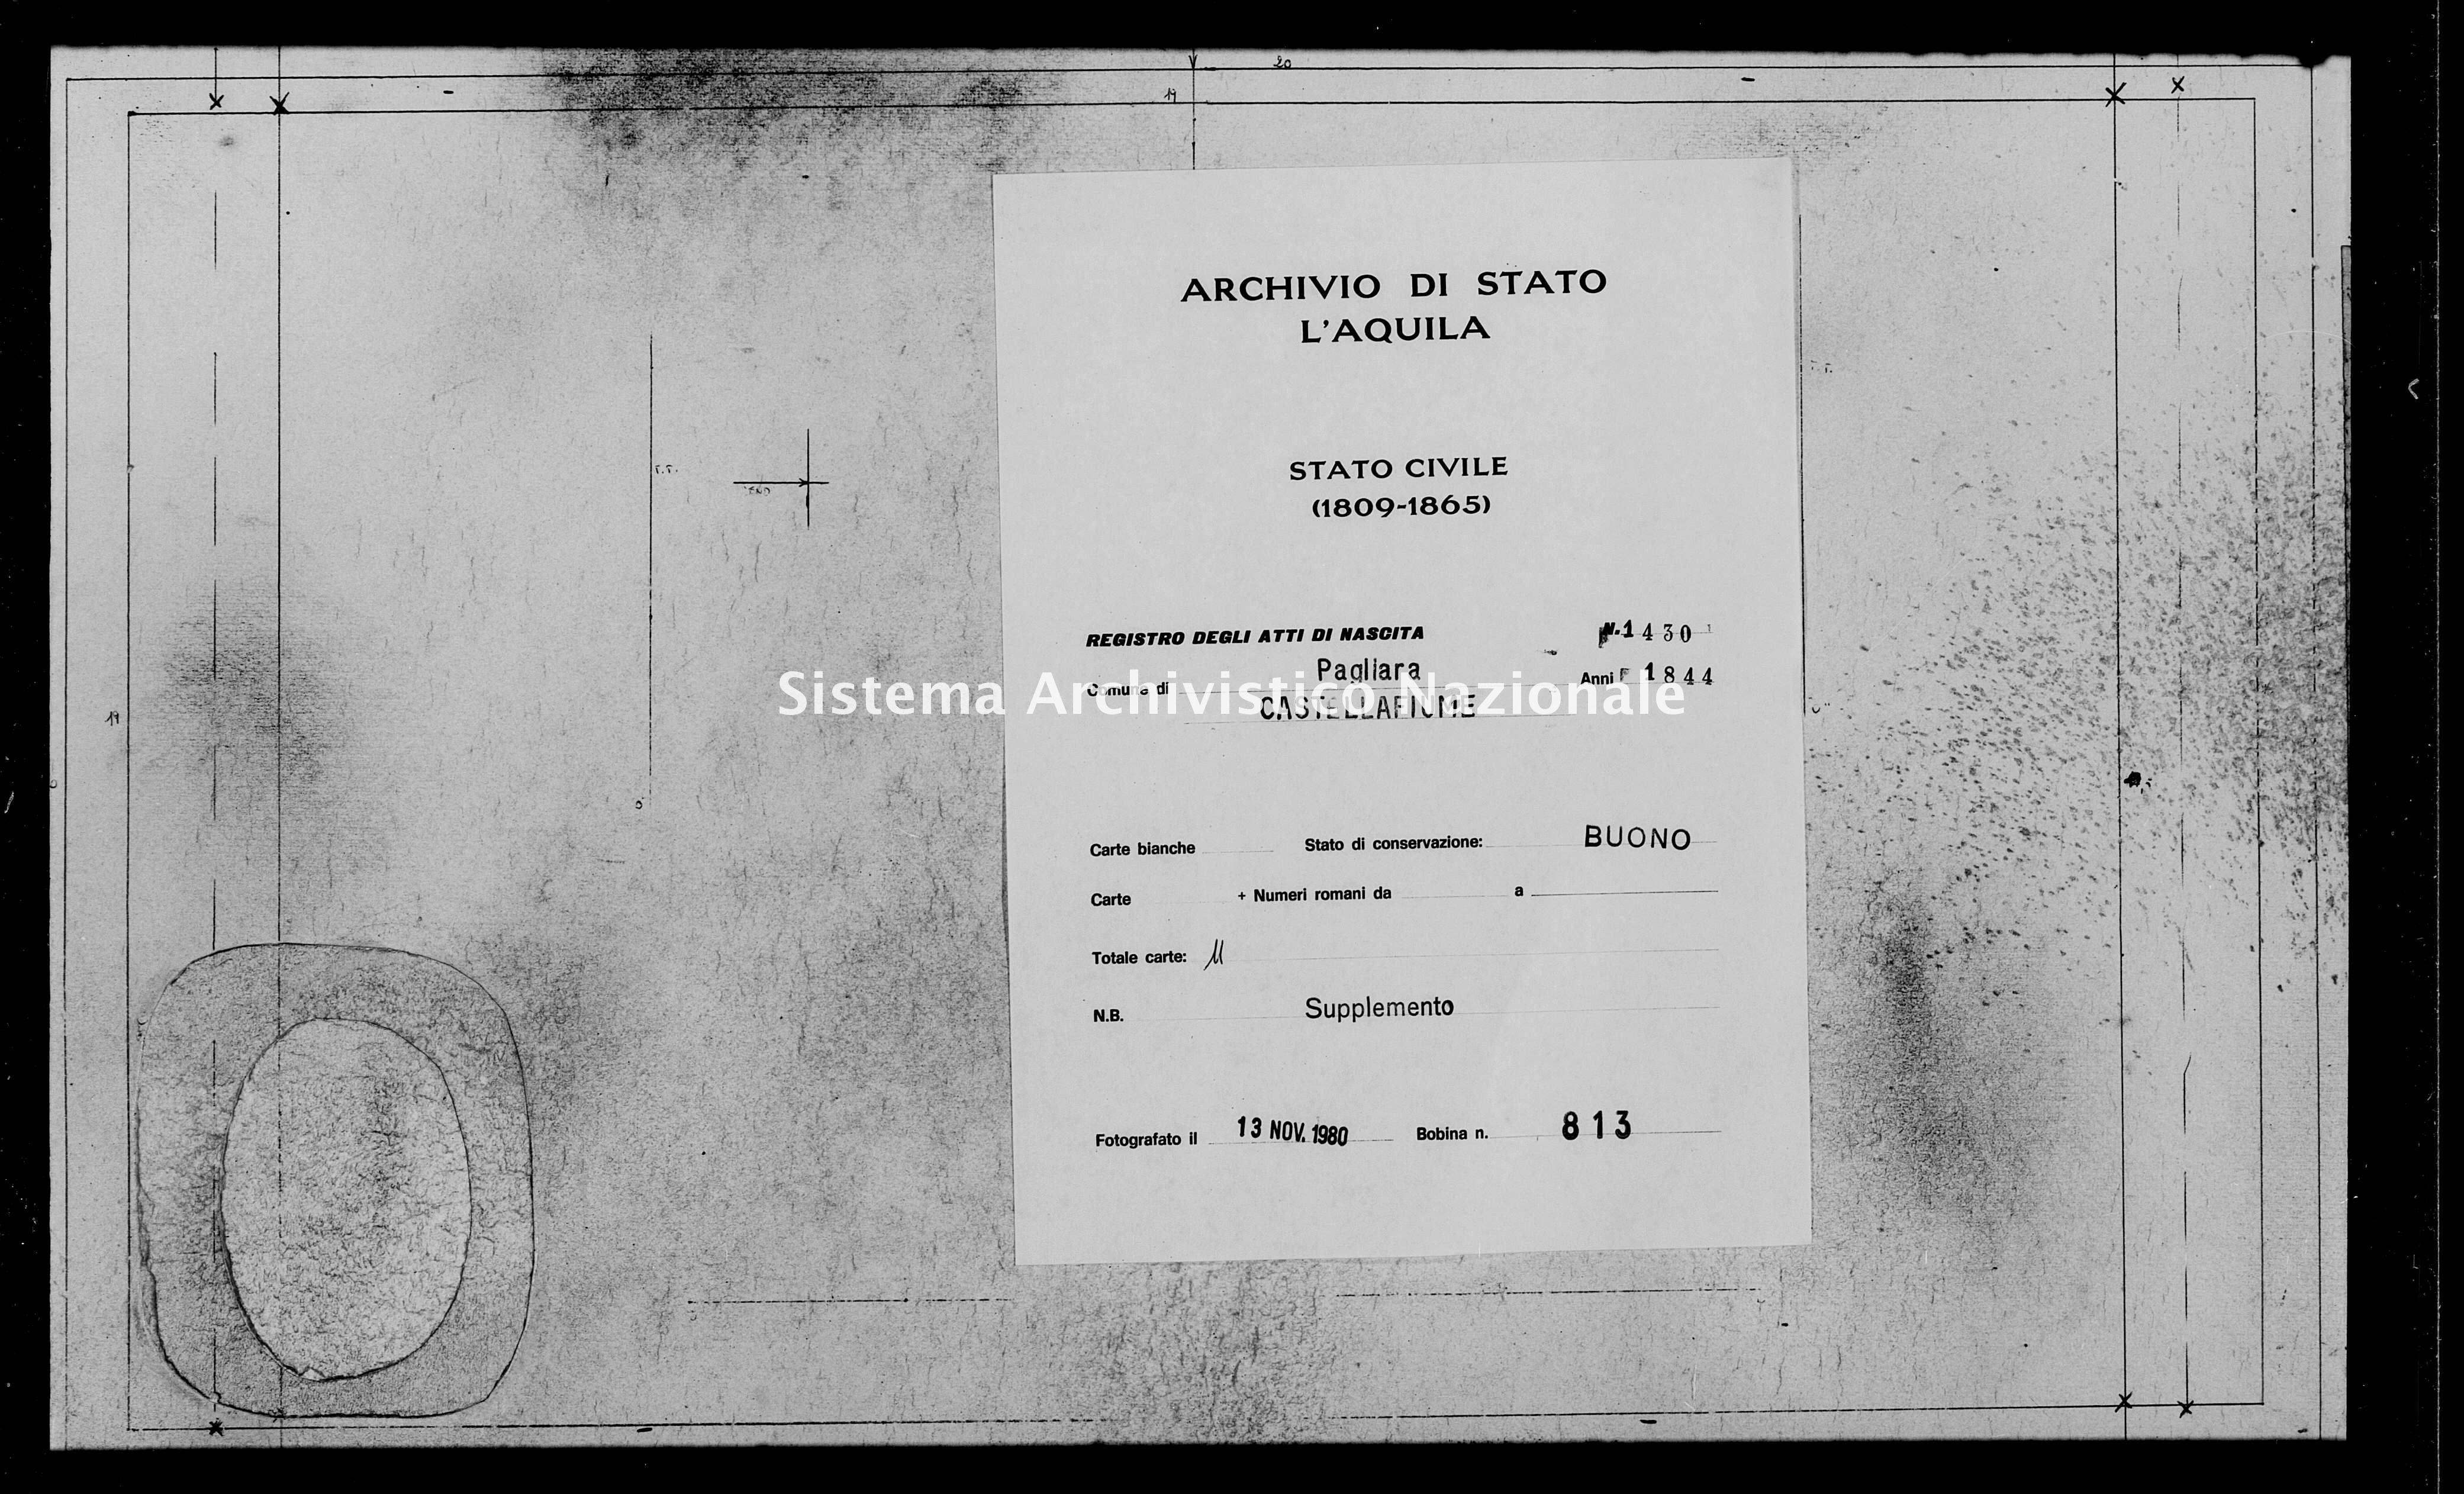 Archivio di stato di L'aquila - Stato civile della restaurazione - Pagliara - Nati, battesimi - 1844 - 1430 -